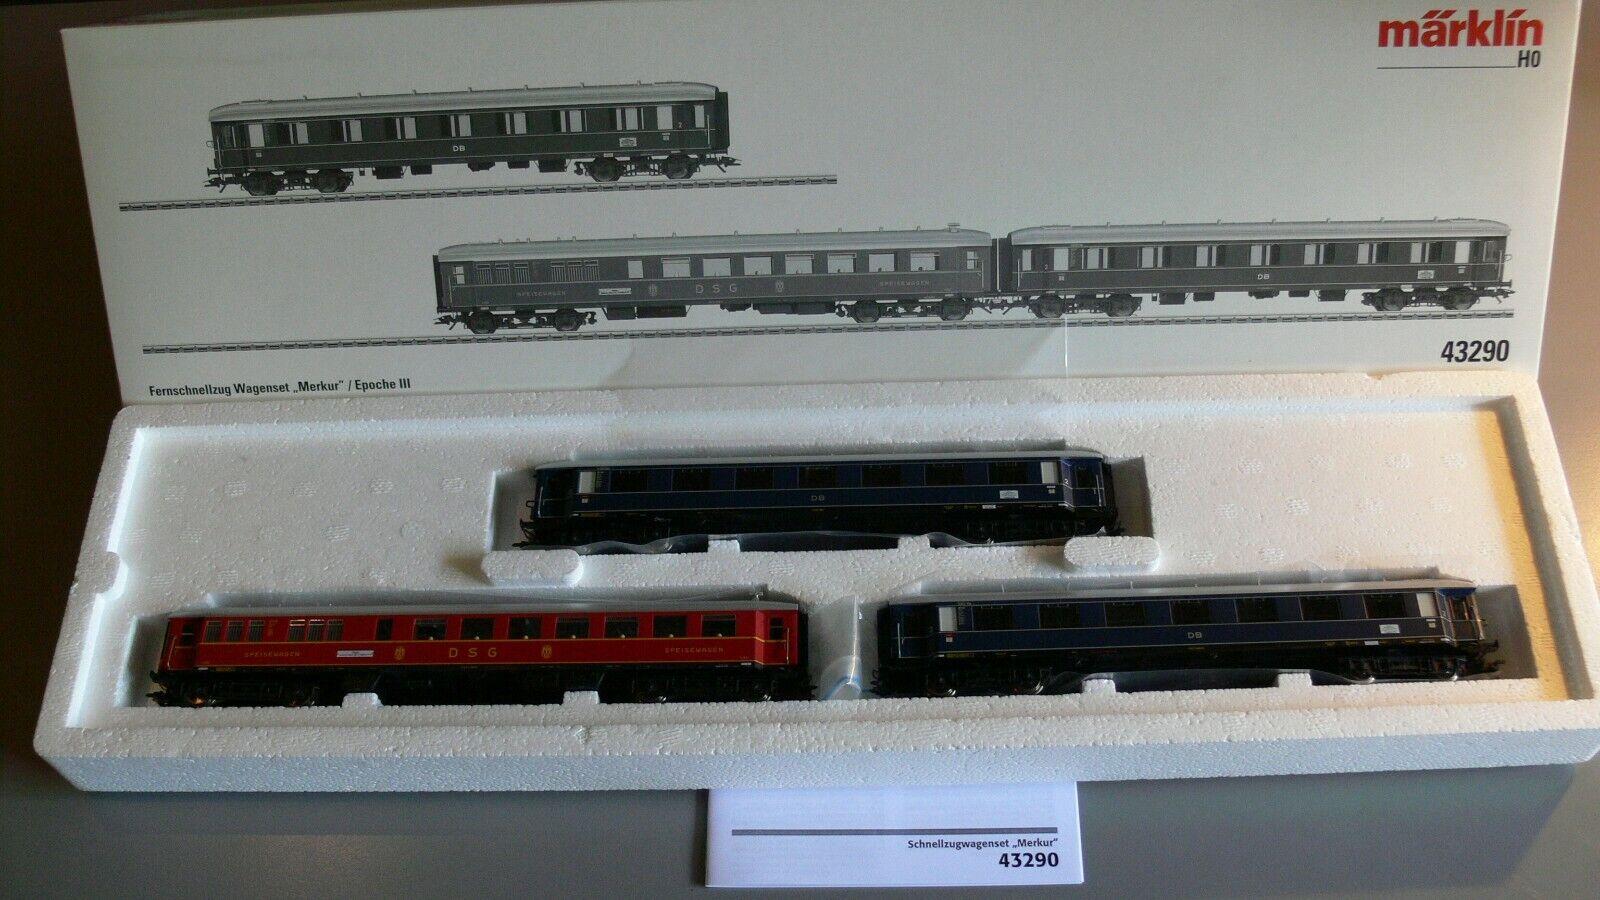 sconto online marklin 43290 a distanza treno rapido Wagenset F 4 4 4  Mercurio  ILLUMINAZIONE INTERNA DB EPOCA 3  in vendita